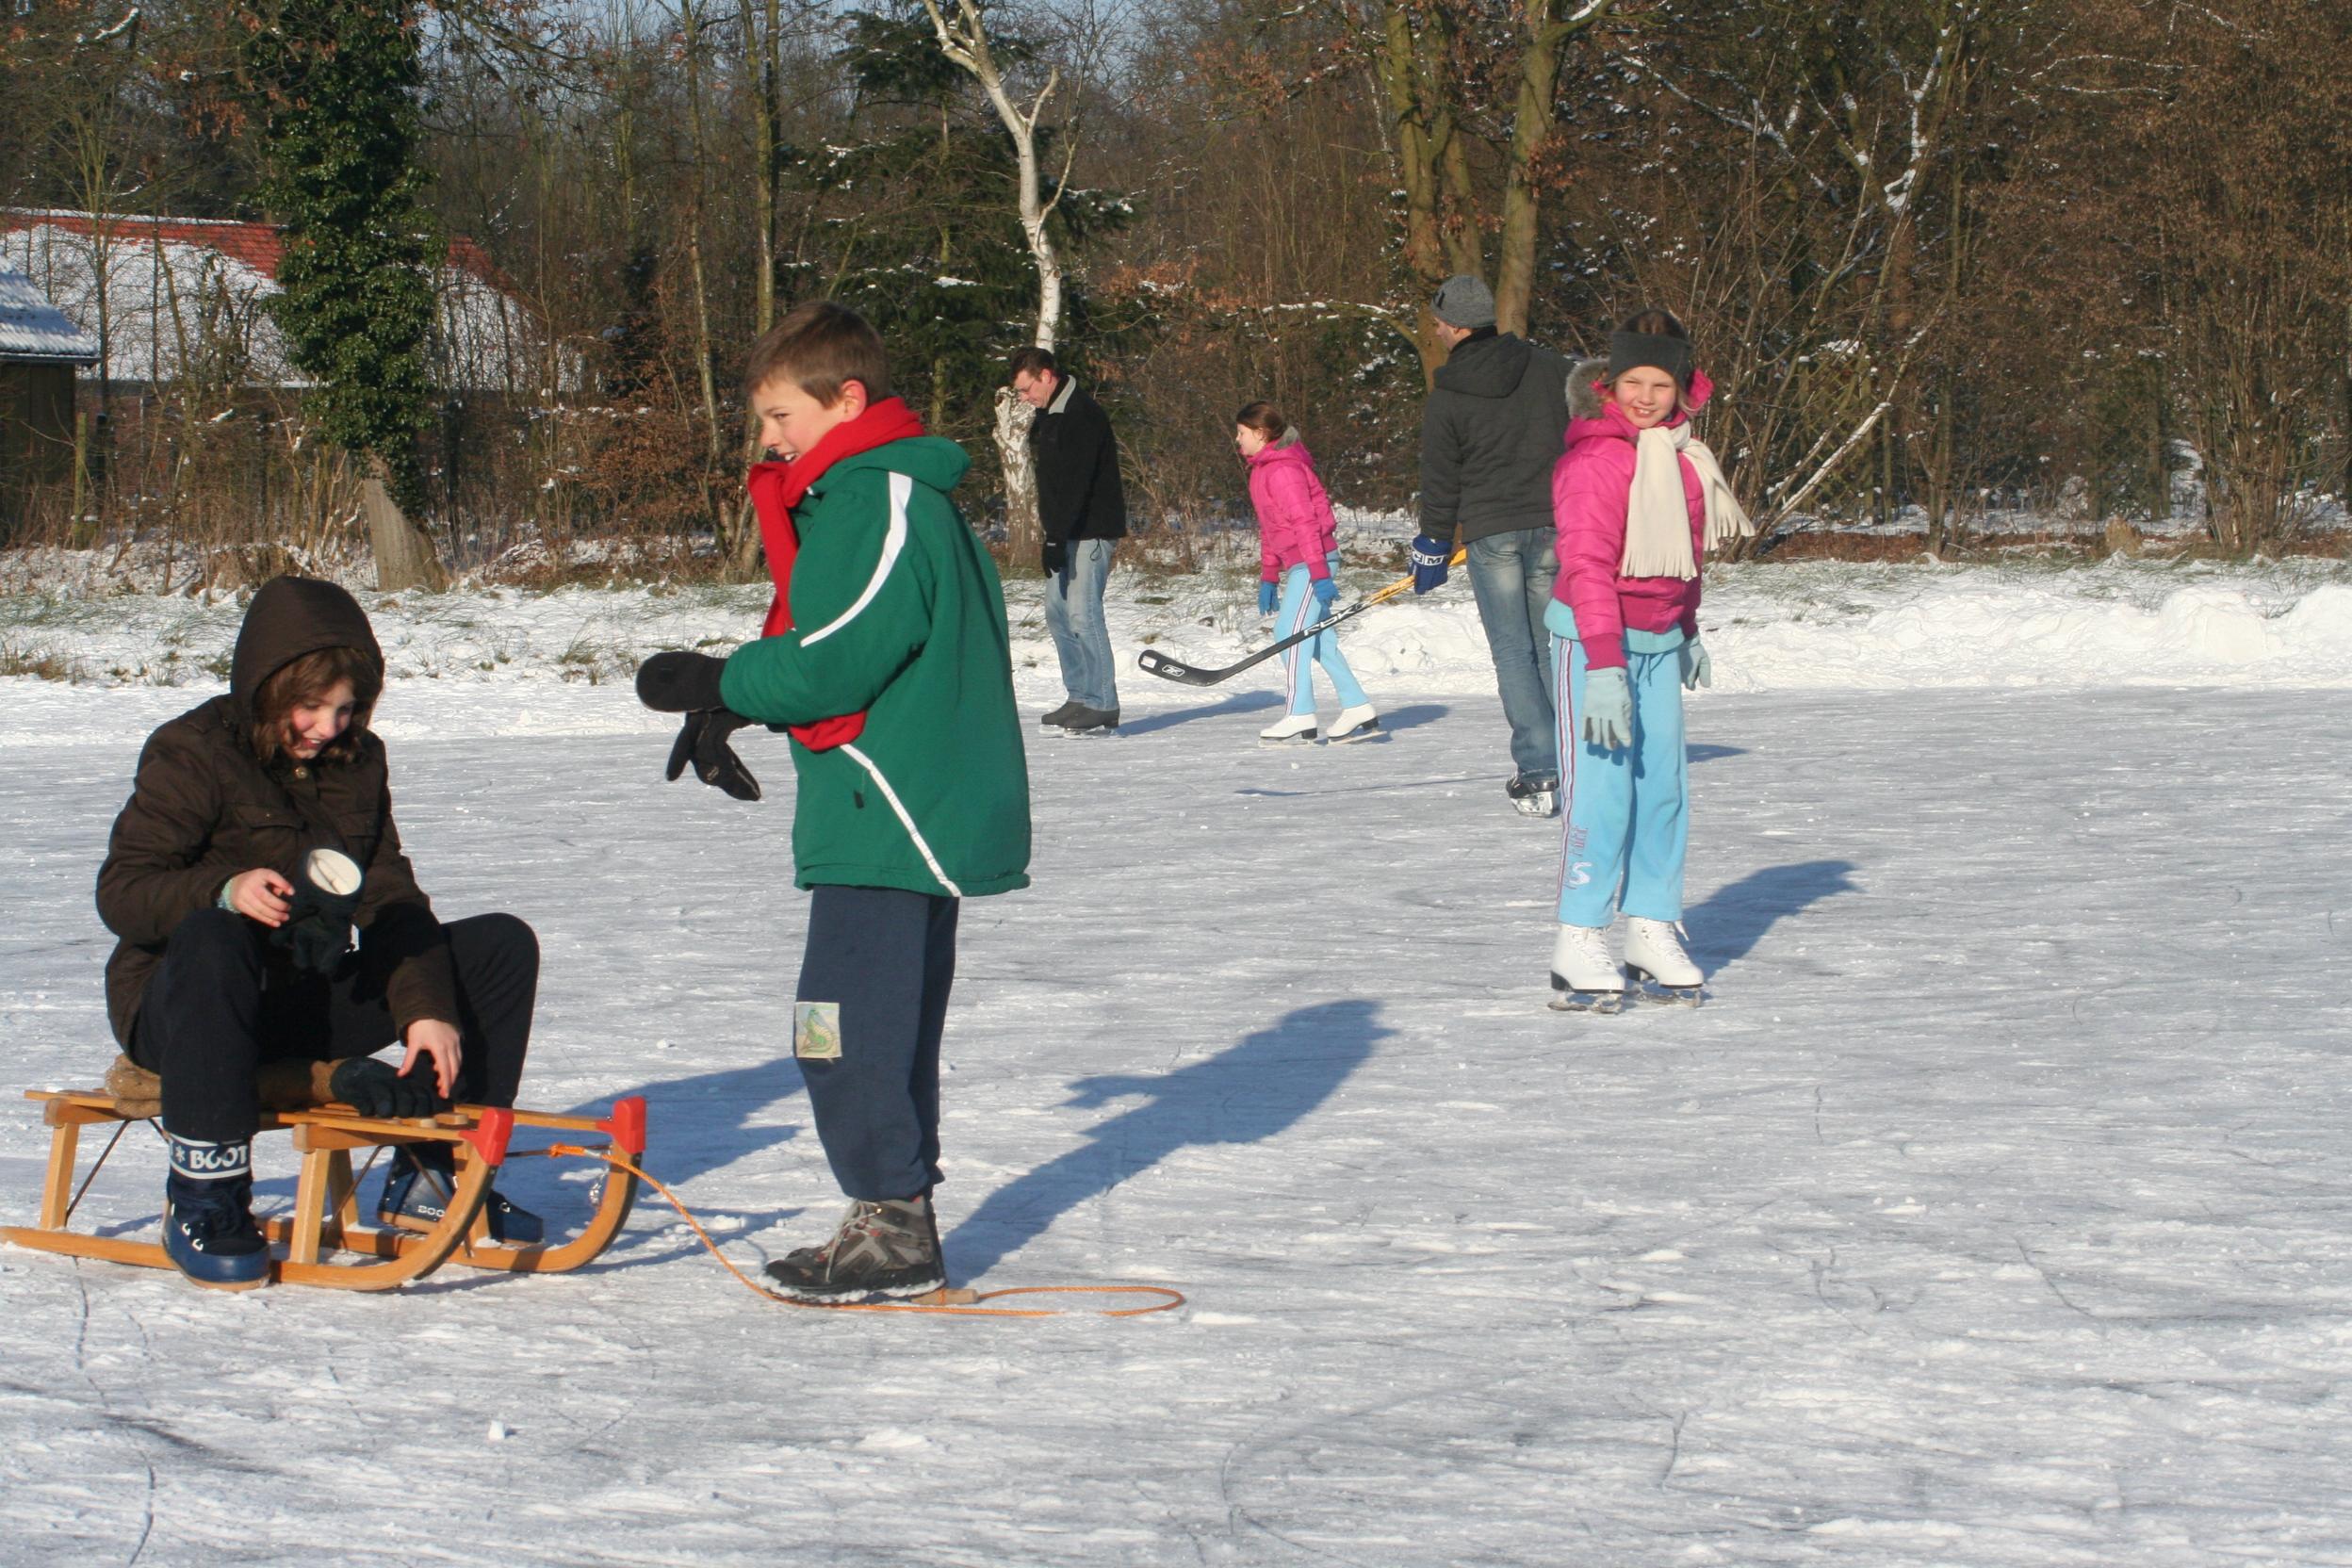 Toch schaatsen als de ijsbaan dicht is?